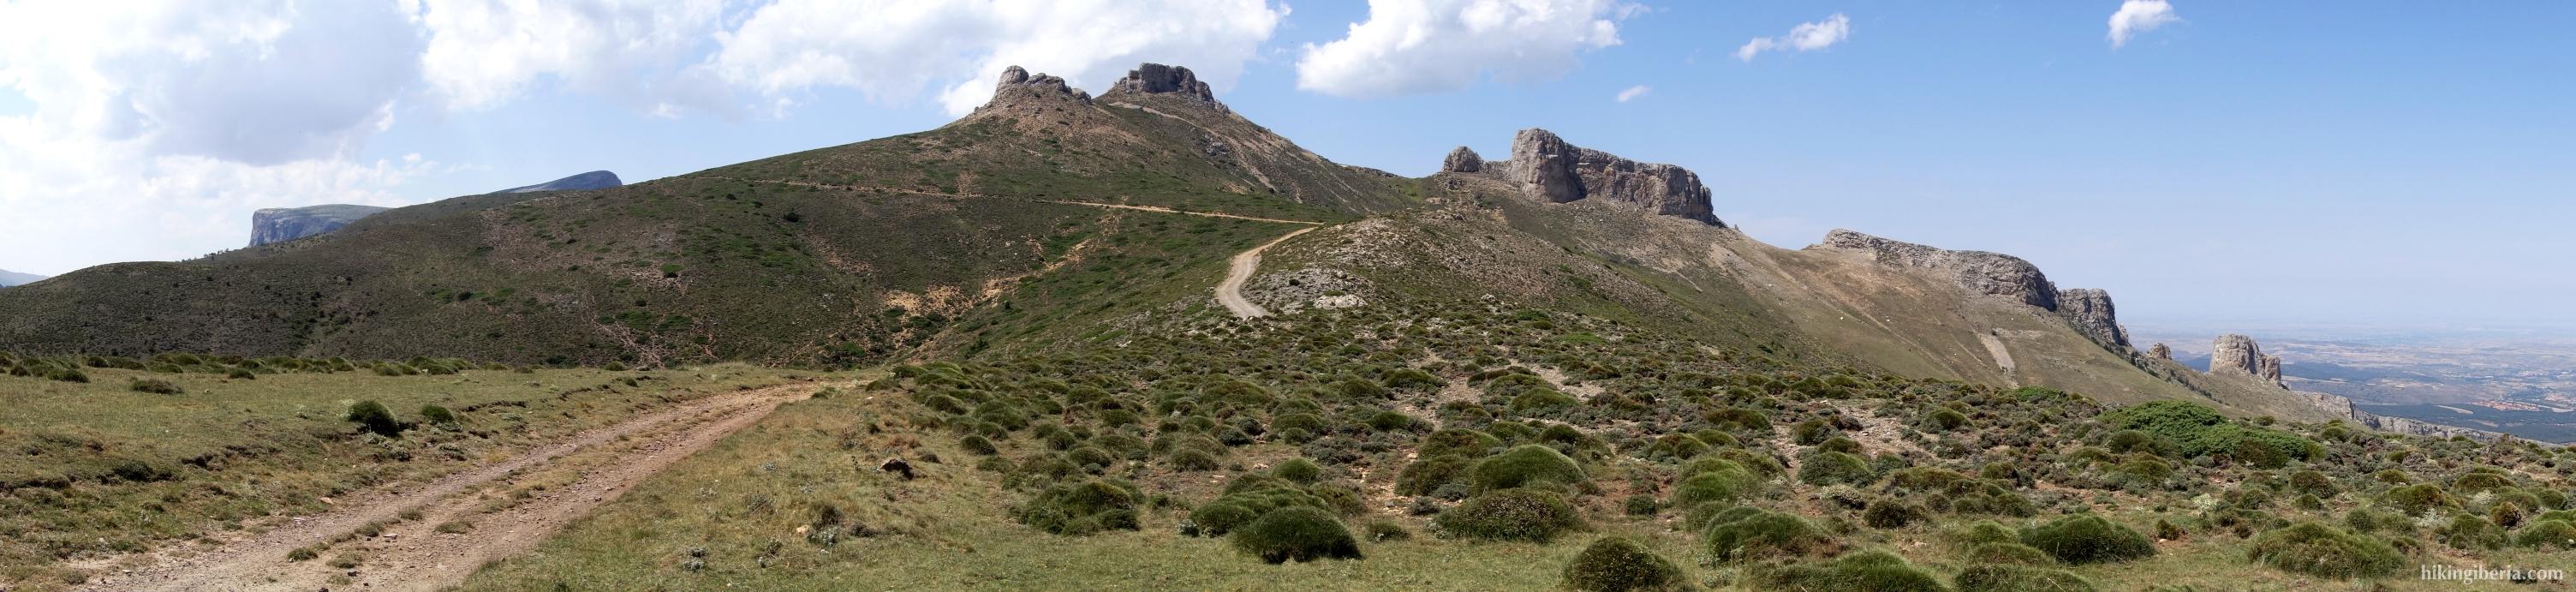 Peñas de Herrera